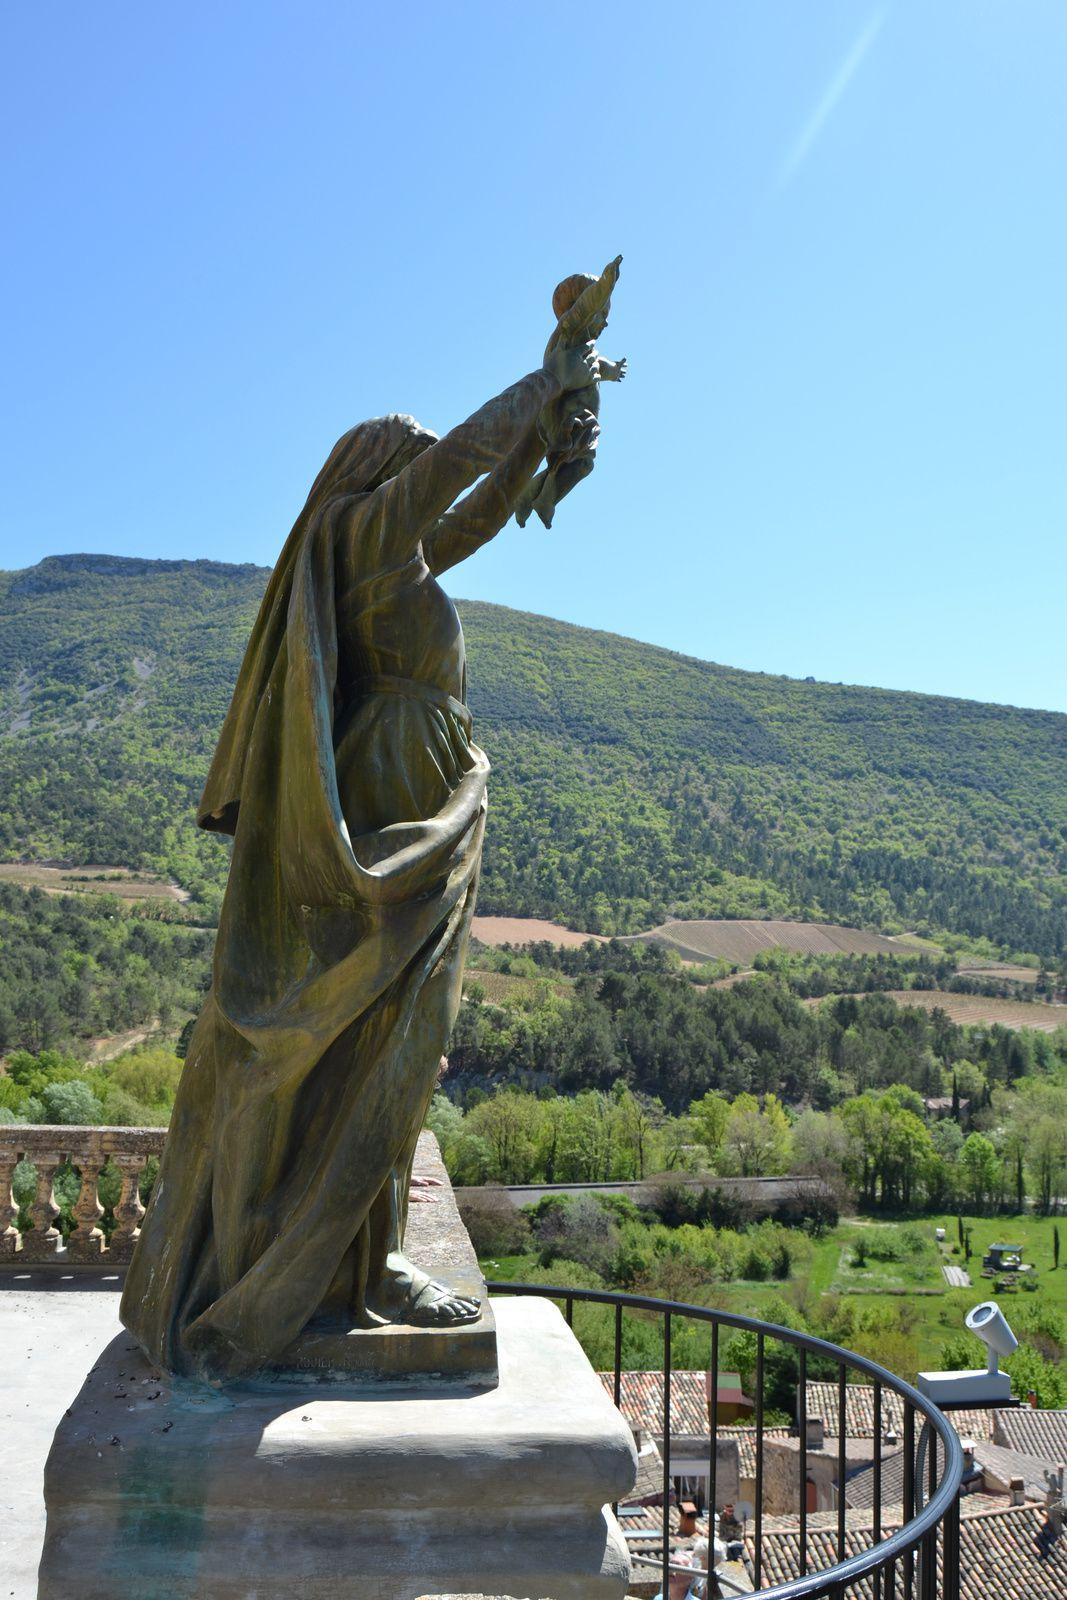 Dressée sur ce piedestal rocheux, la statue monumentale de la vierge, cadeau de la duchesses d'Uzés en 1907,